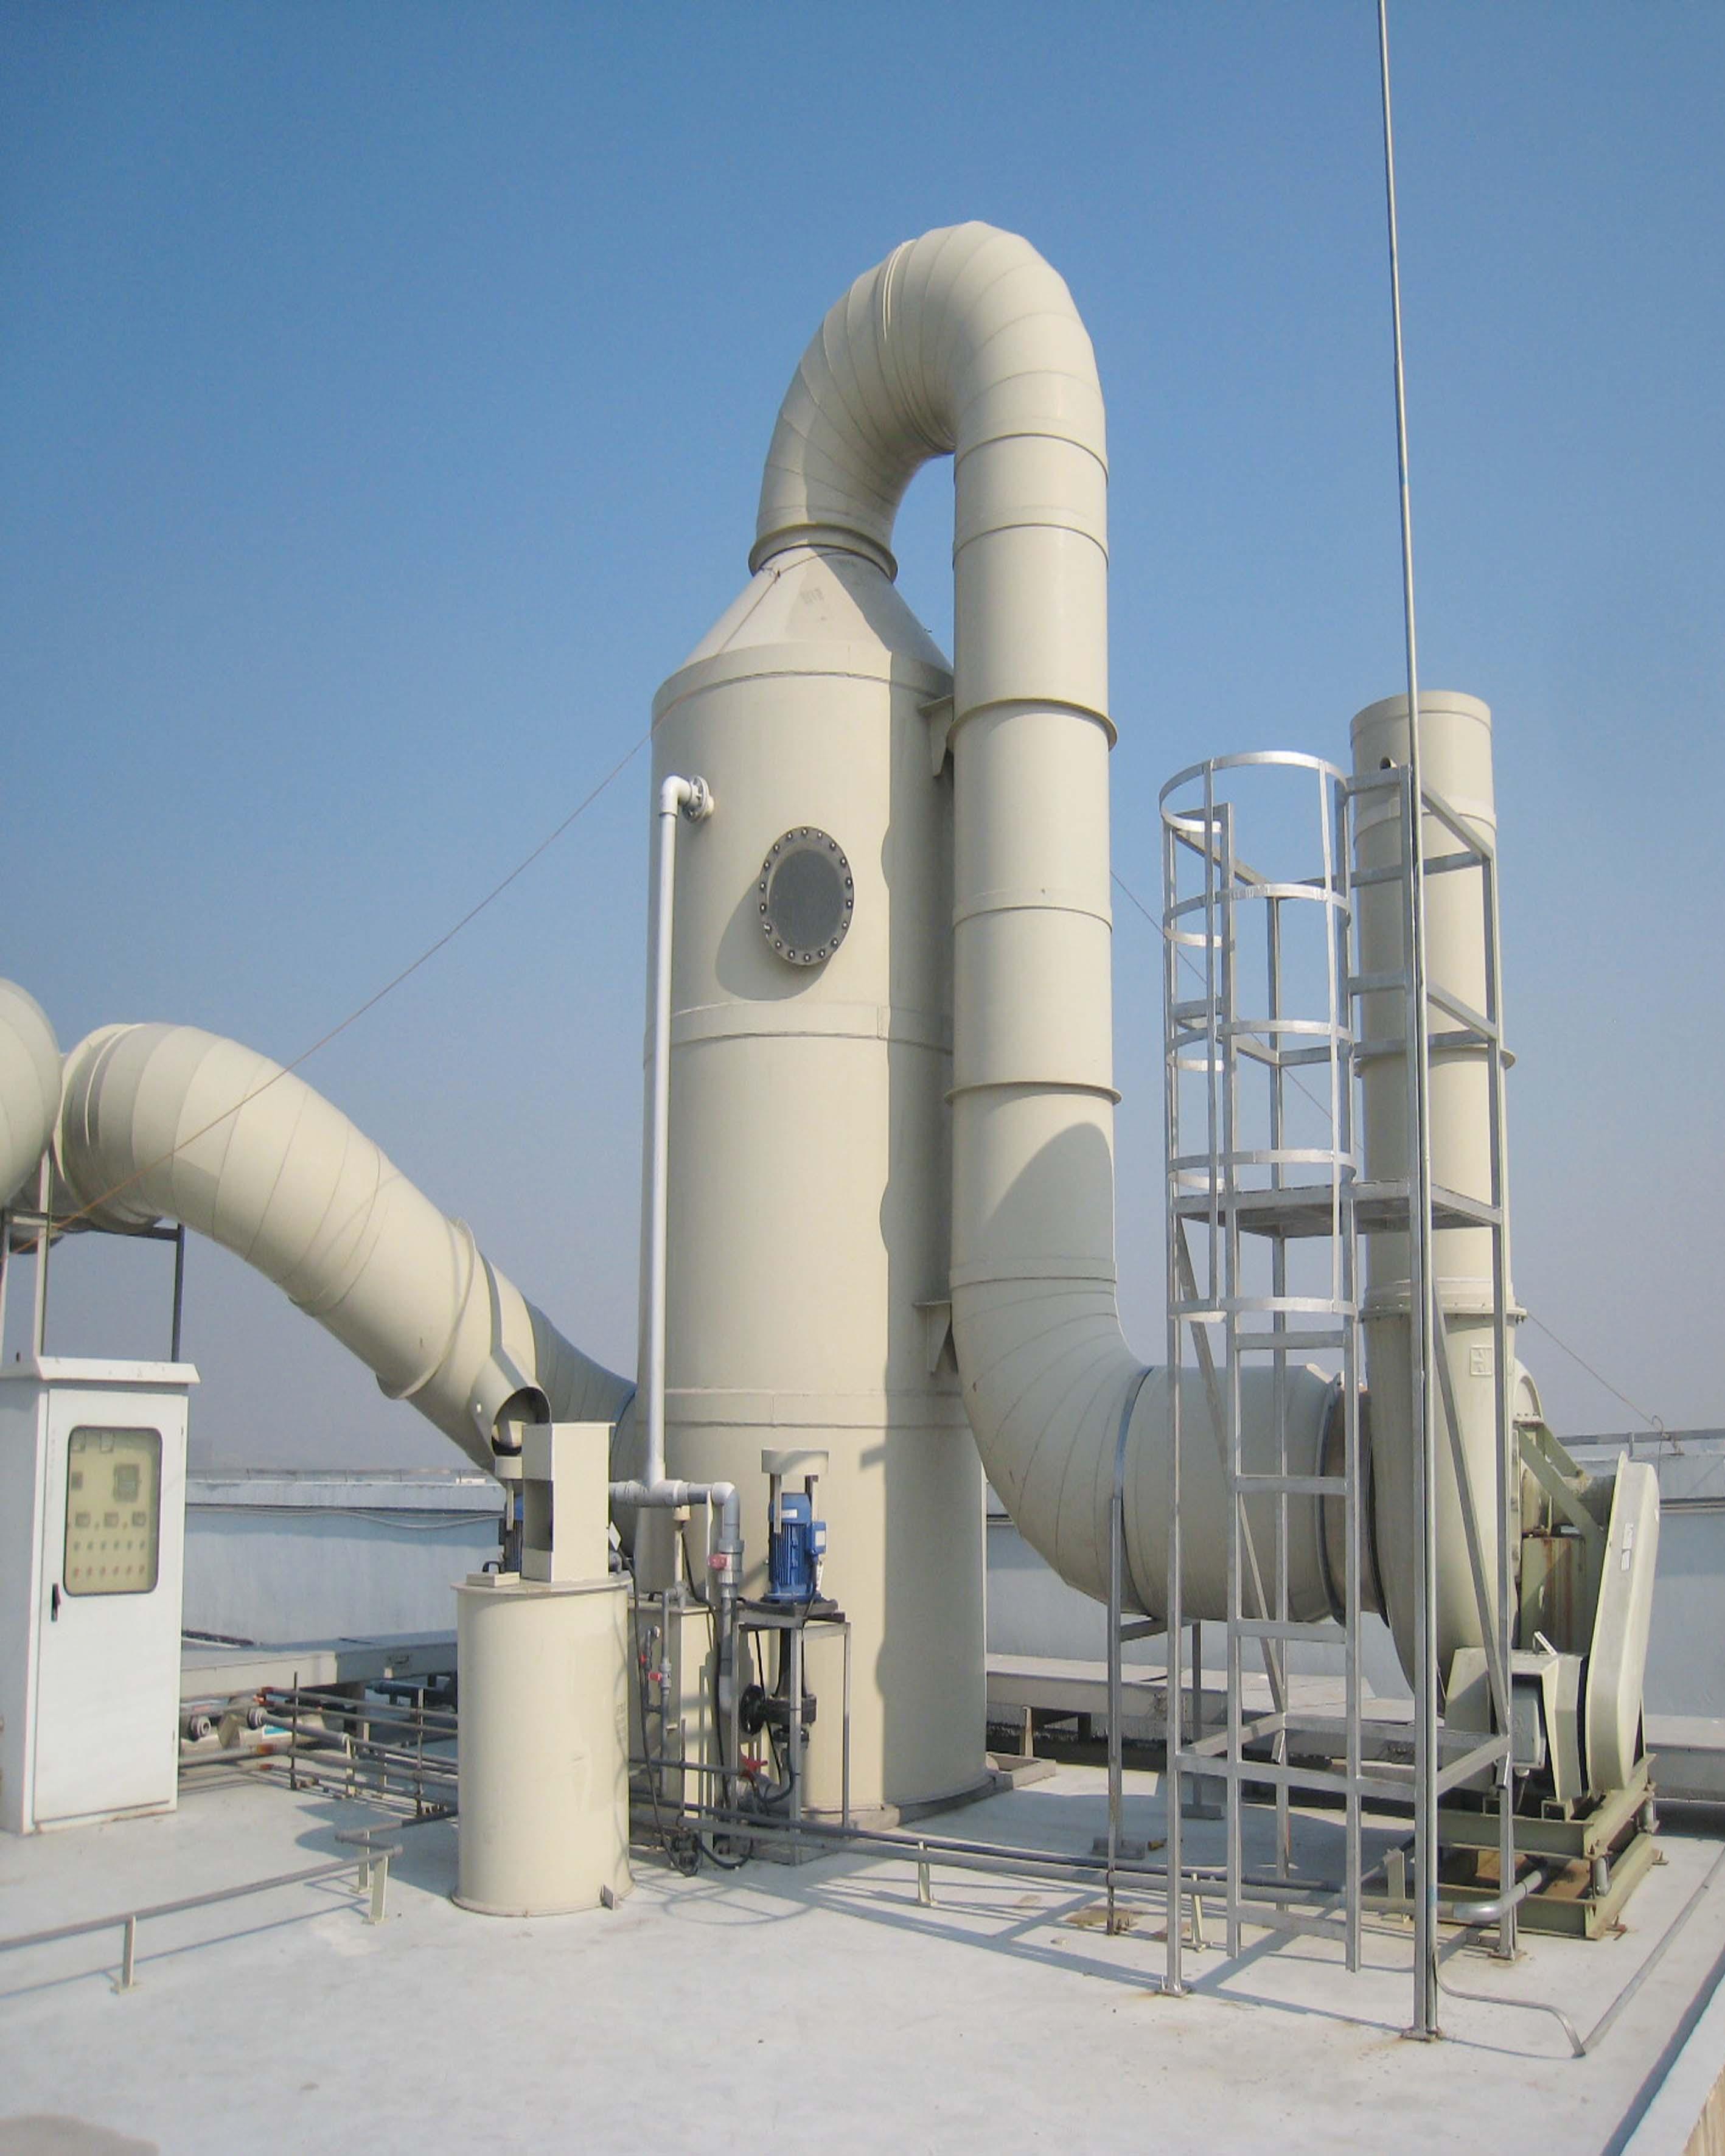 化工厂酸碱废气处理除尘设备脱硫塔设计工艺过程:喷淋洗涤塔采用氢氧化钠(NaOH)溶液(或硫酸溶液)作为吸收液来净化酸性(或碱性)气体,酸性(或碱性)气体由离心通风机吸入进风段后向上流动、而喷嘴喷出的中和液由上向下喷淋。从第二级中喷出的中和液与上升的酸性(或碱性)气体进行气液接触,吸收中和液往下湿淋第二级填料层,使从下往升的酸性(或碱性)气体获得气液接触吸收中和。中和液再向下淋第一级填料层。 再一次获得气液接触吸收中和作用,同时还增大了第一级中填料的湿淋量、从而加大了该填料层的气液比,正因为酸性(或碱性)气